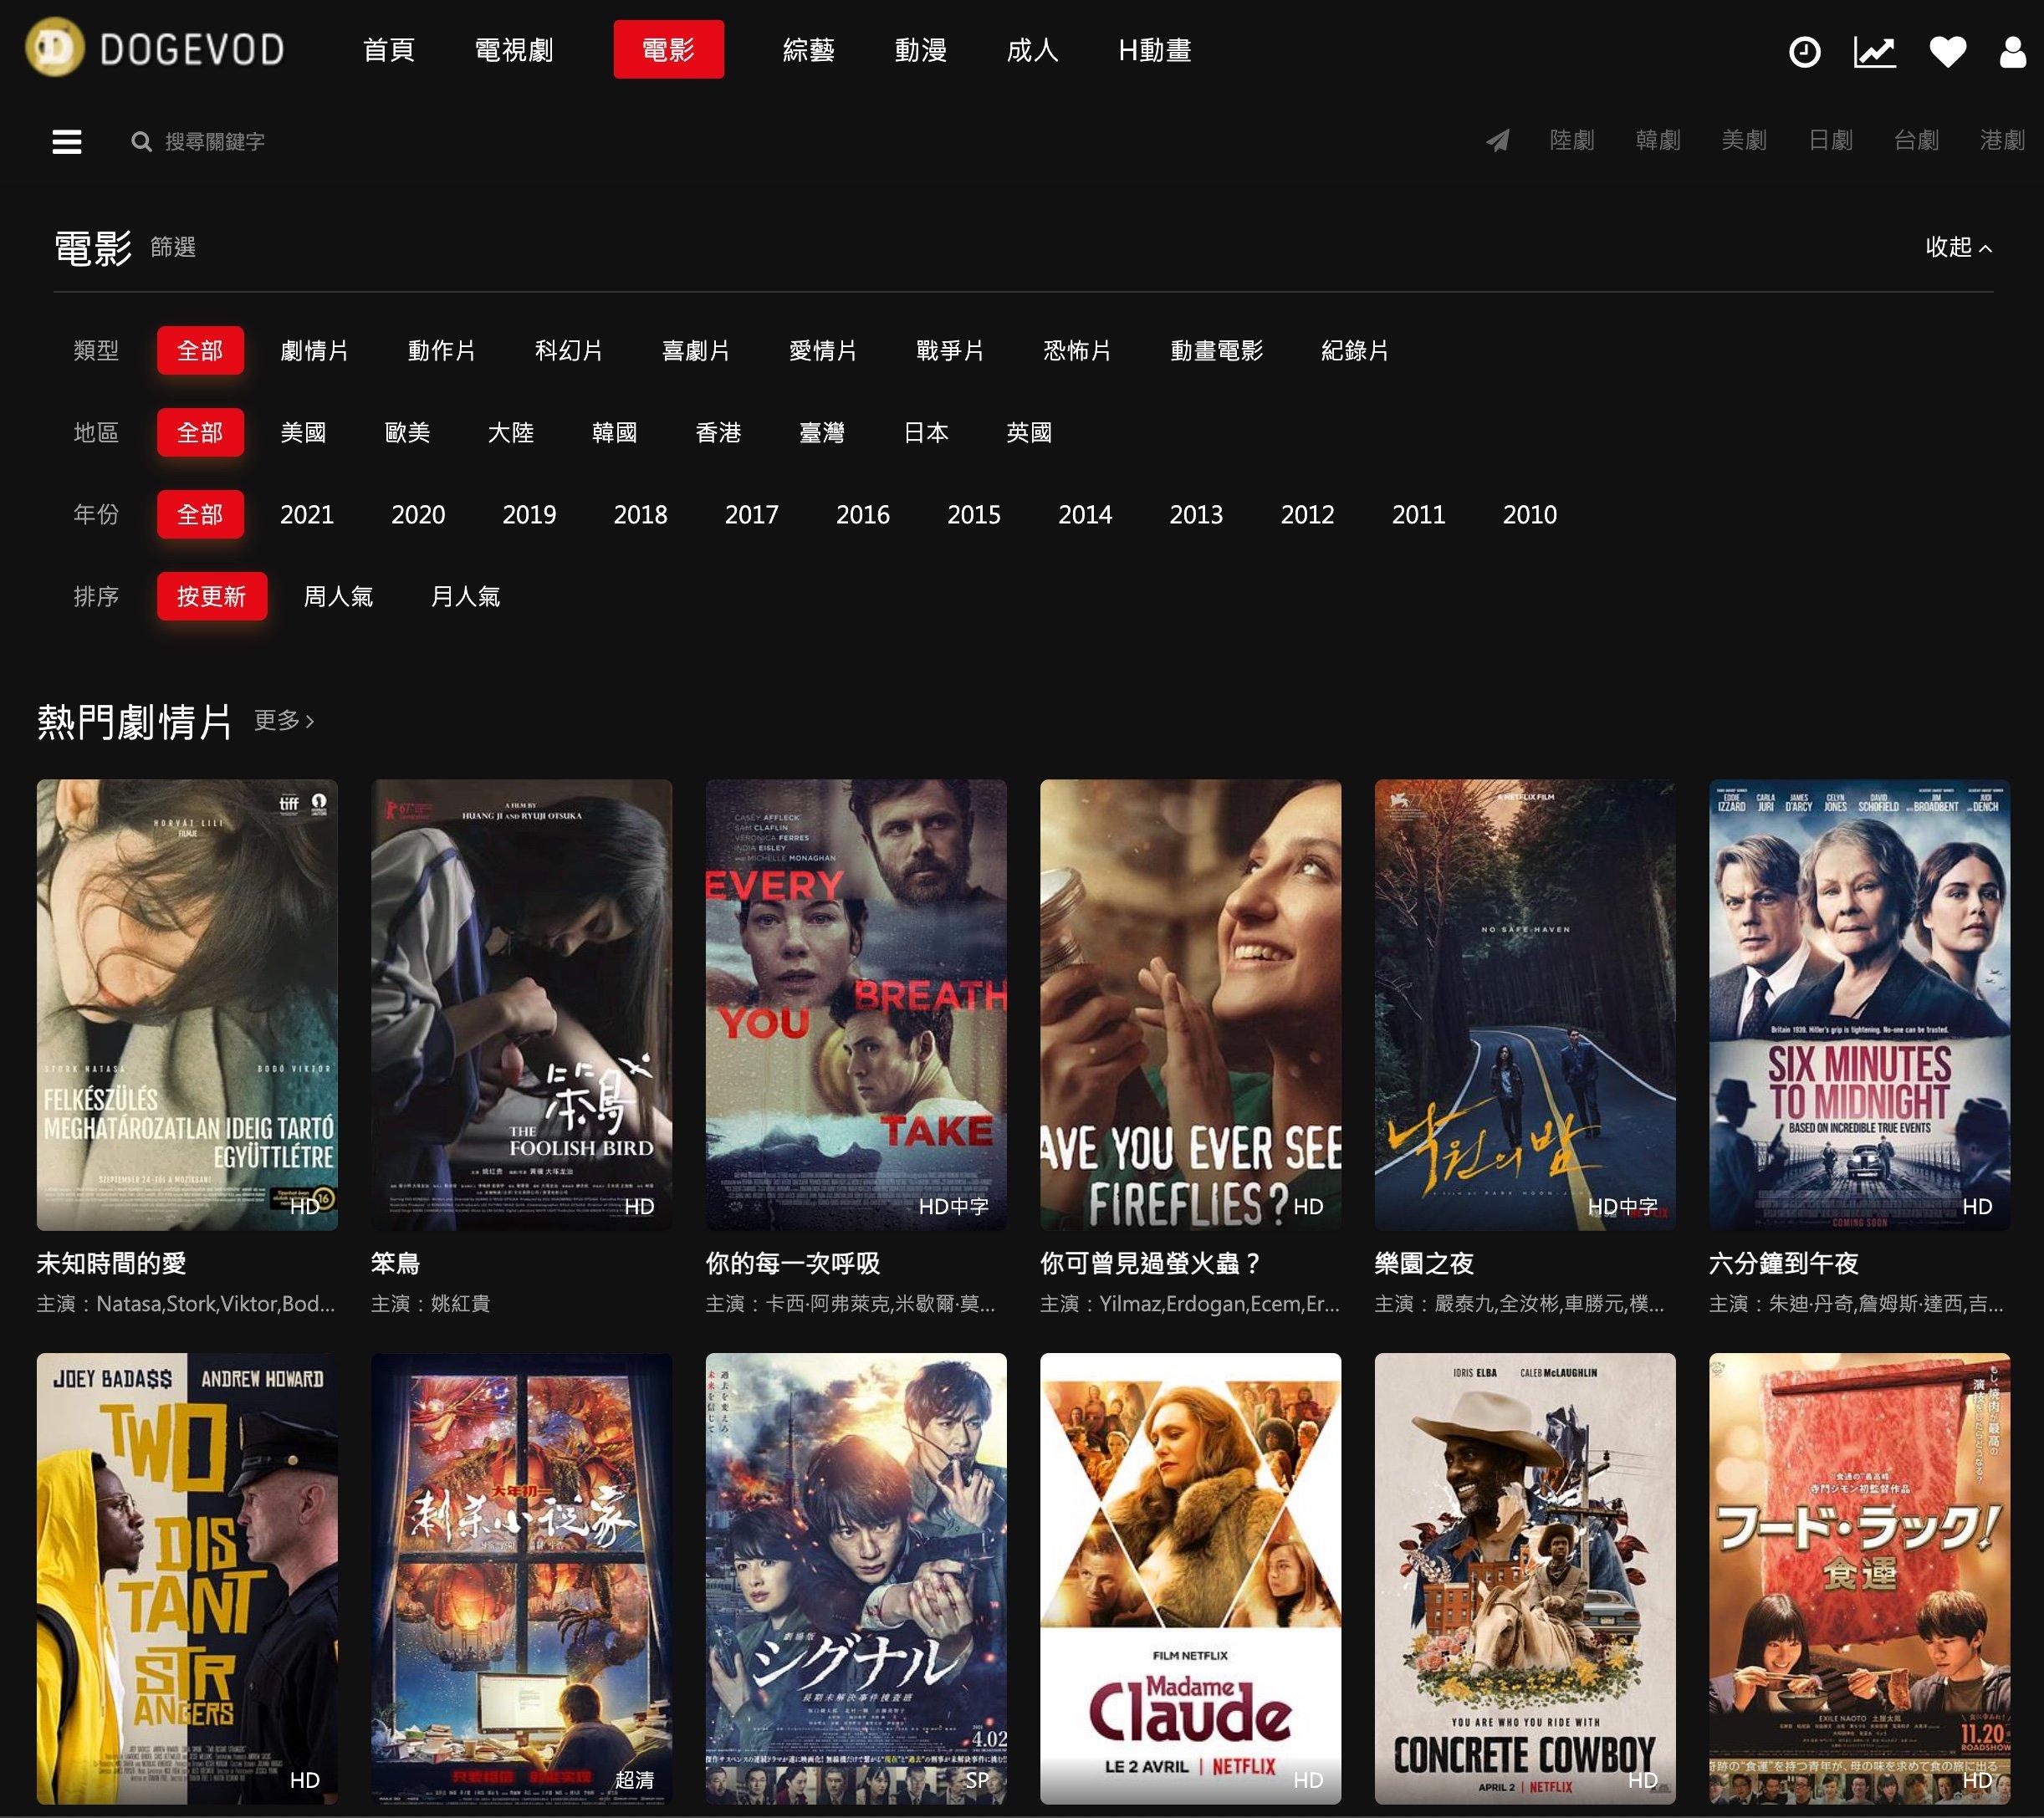 免費韓劇、陸劇、日劇、電影、動漫 Dogevod 狗狗影音